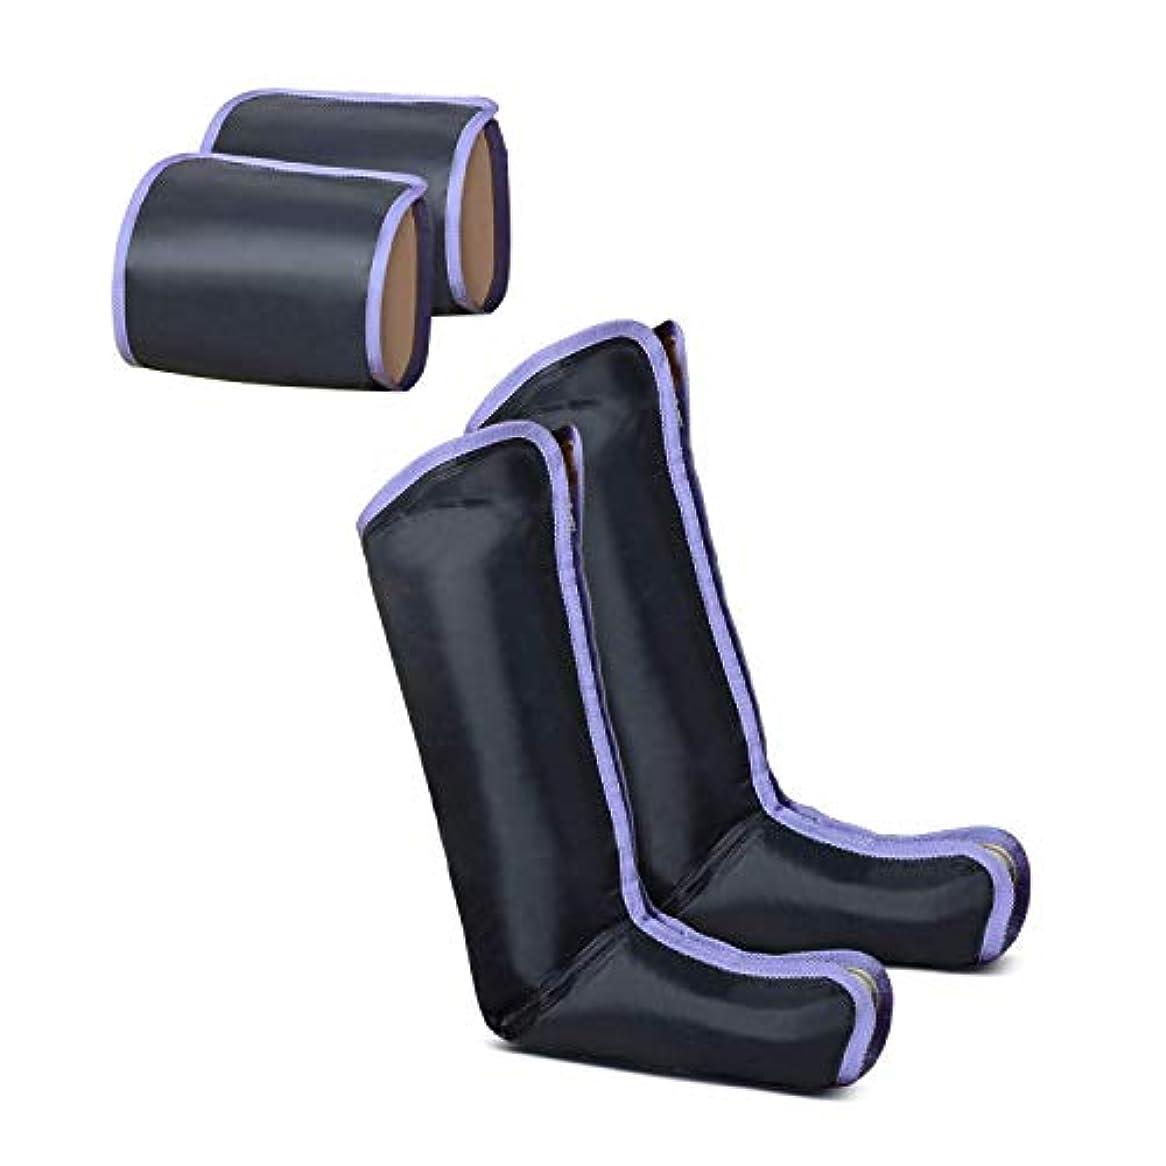 コミットラリーありがたいSOLIN エアーマッサージャー 電気マッサージ機 ひざ 太もも対応 血行の促進